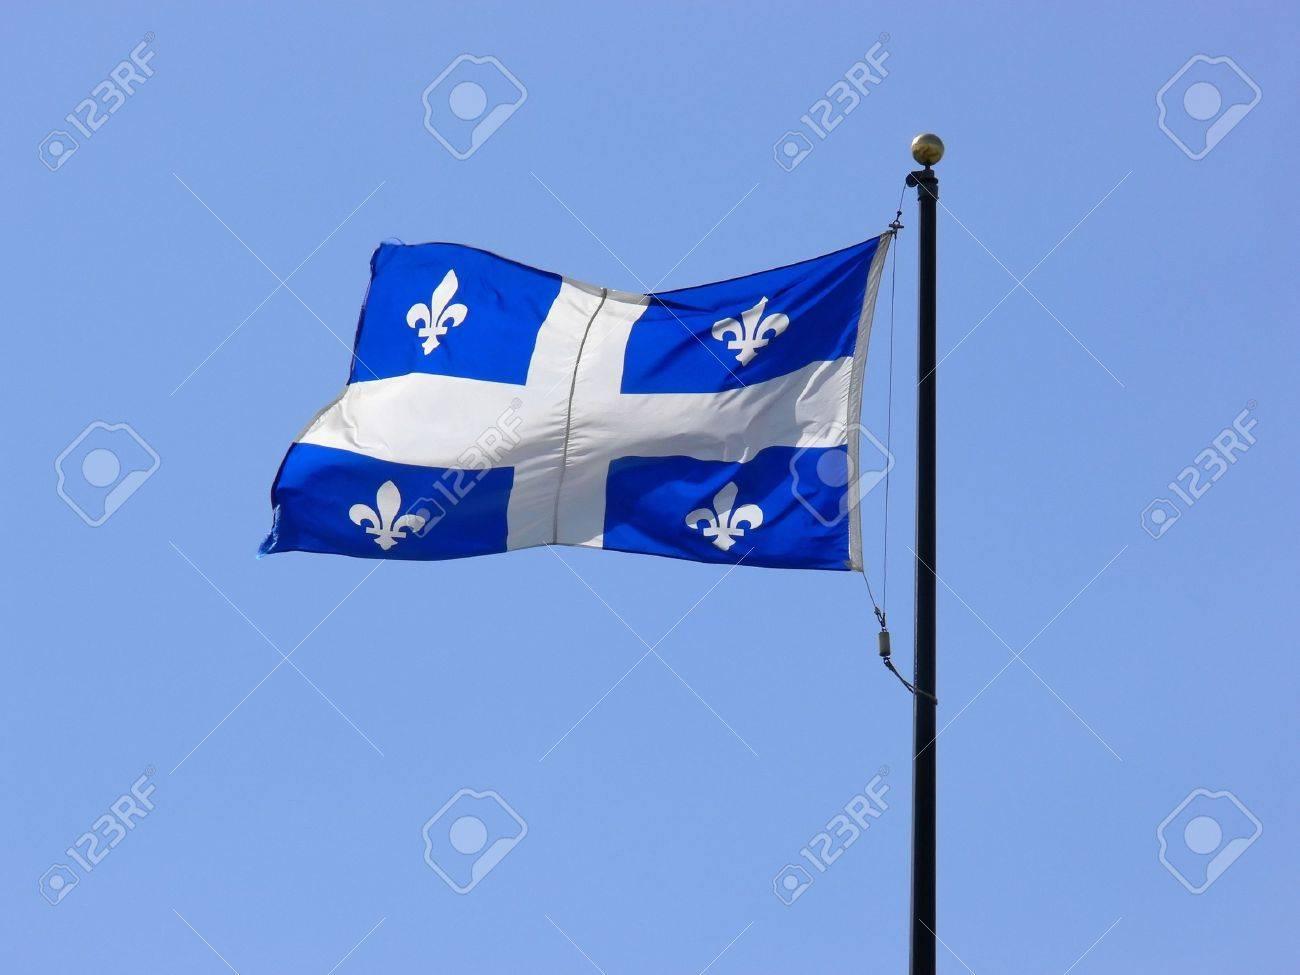 The Fleur-de-Lys flag of Quebec. - 502335